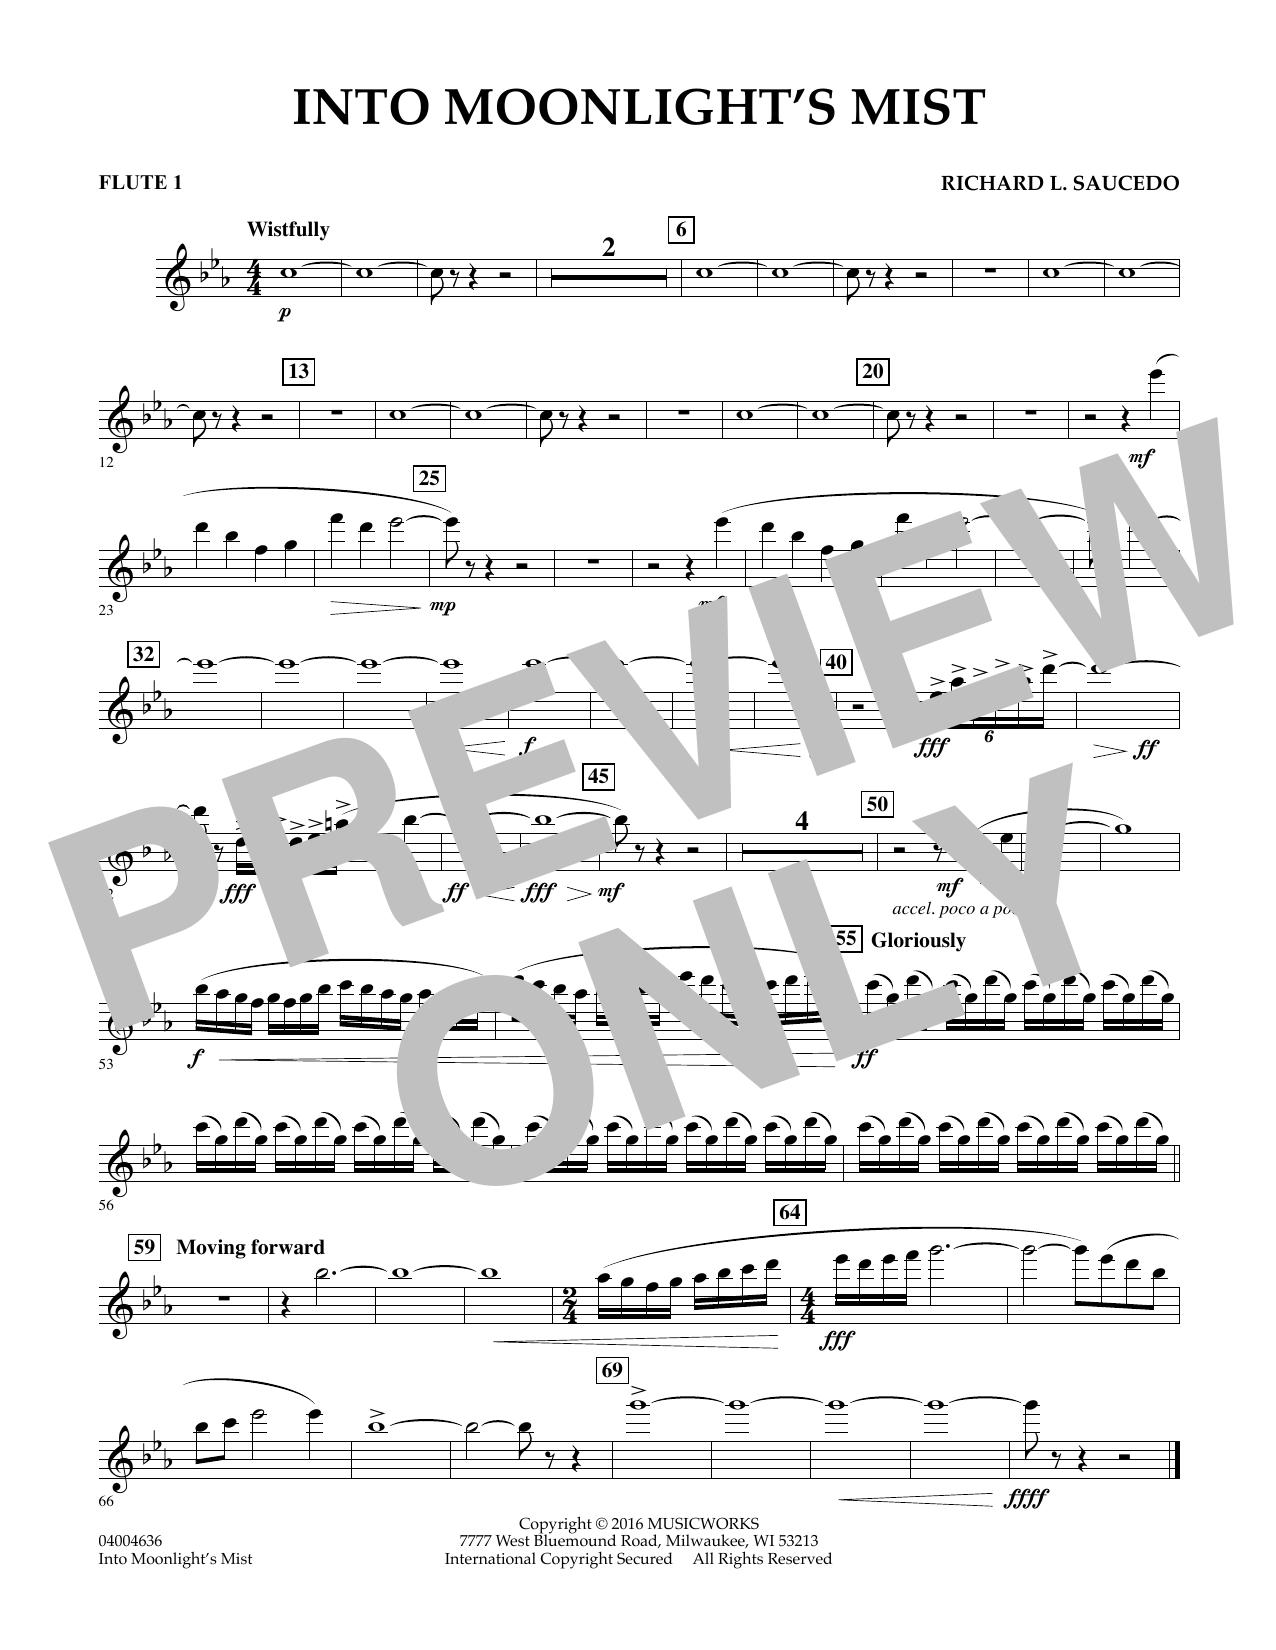 Into Moonlight's Mist - Flute 1